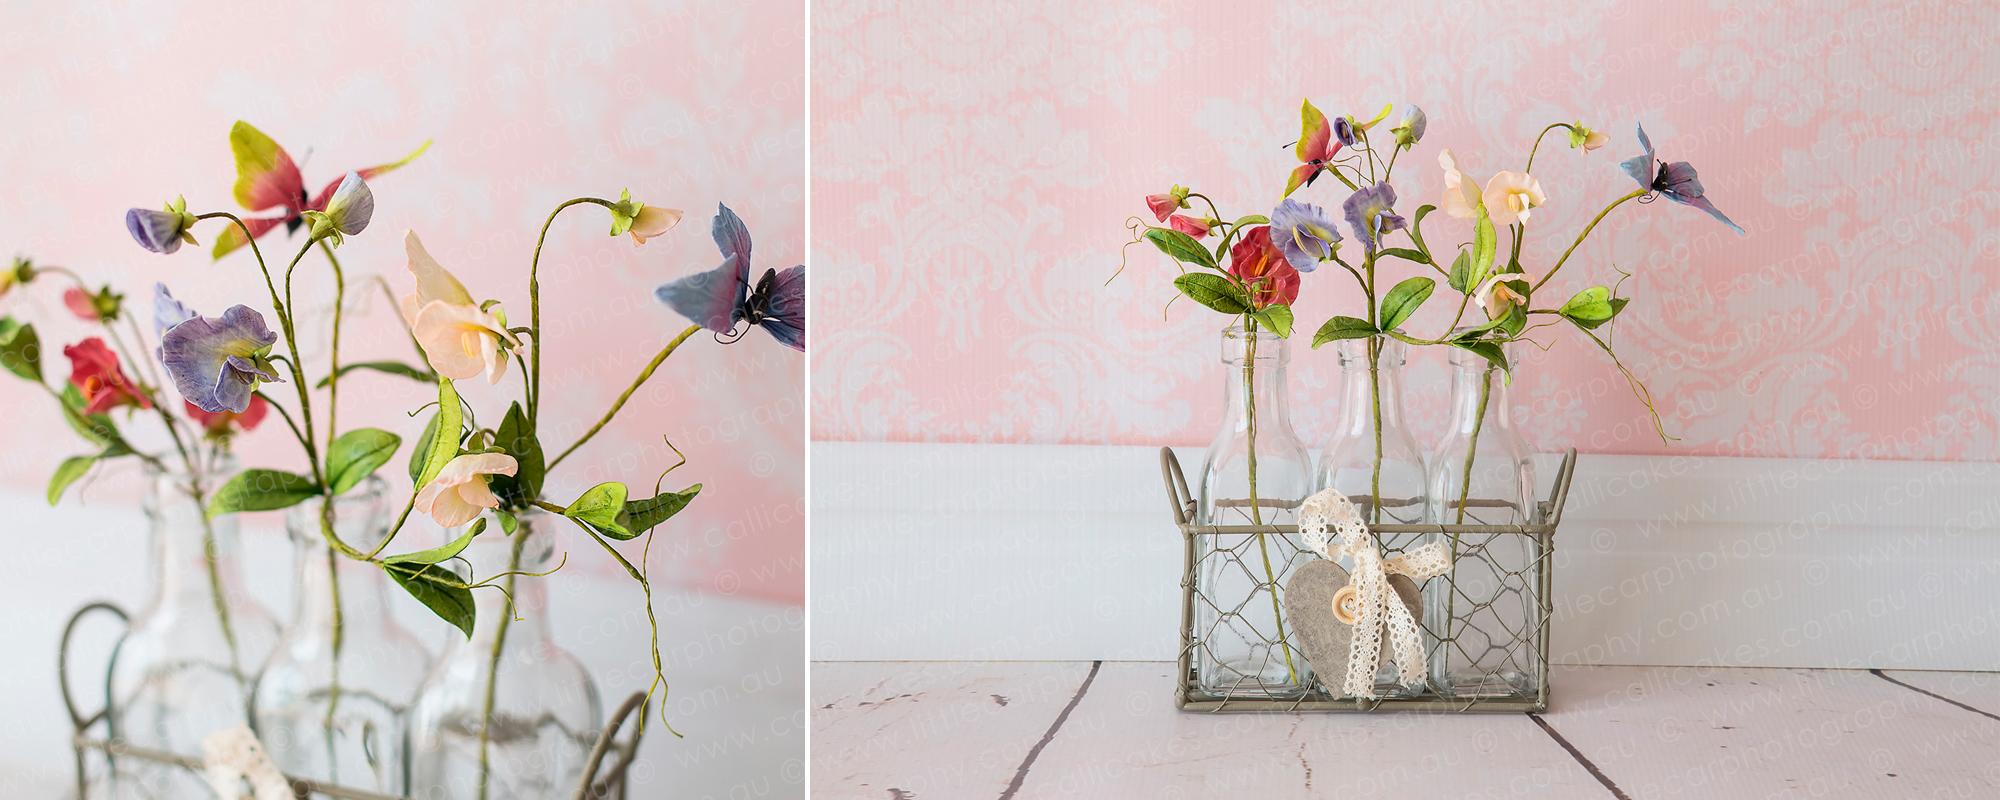 3 Wedding Photography of Sugar Art butterflies & flowers in rustic milk jugs.jpg